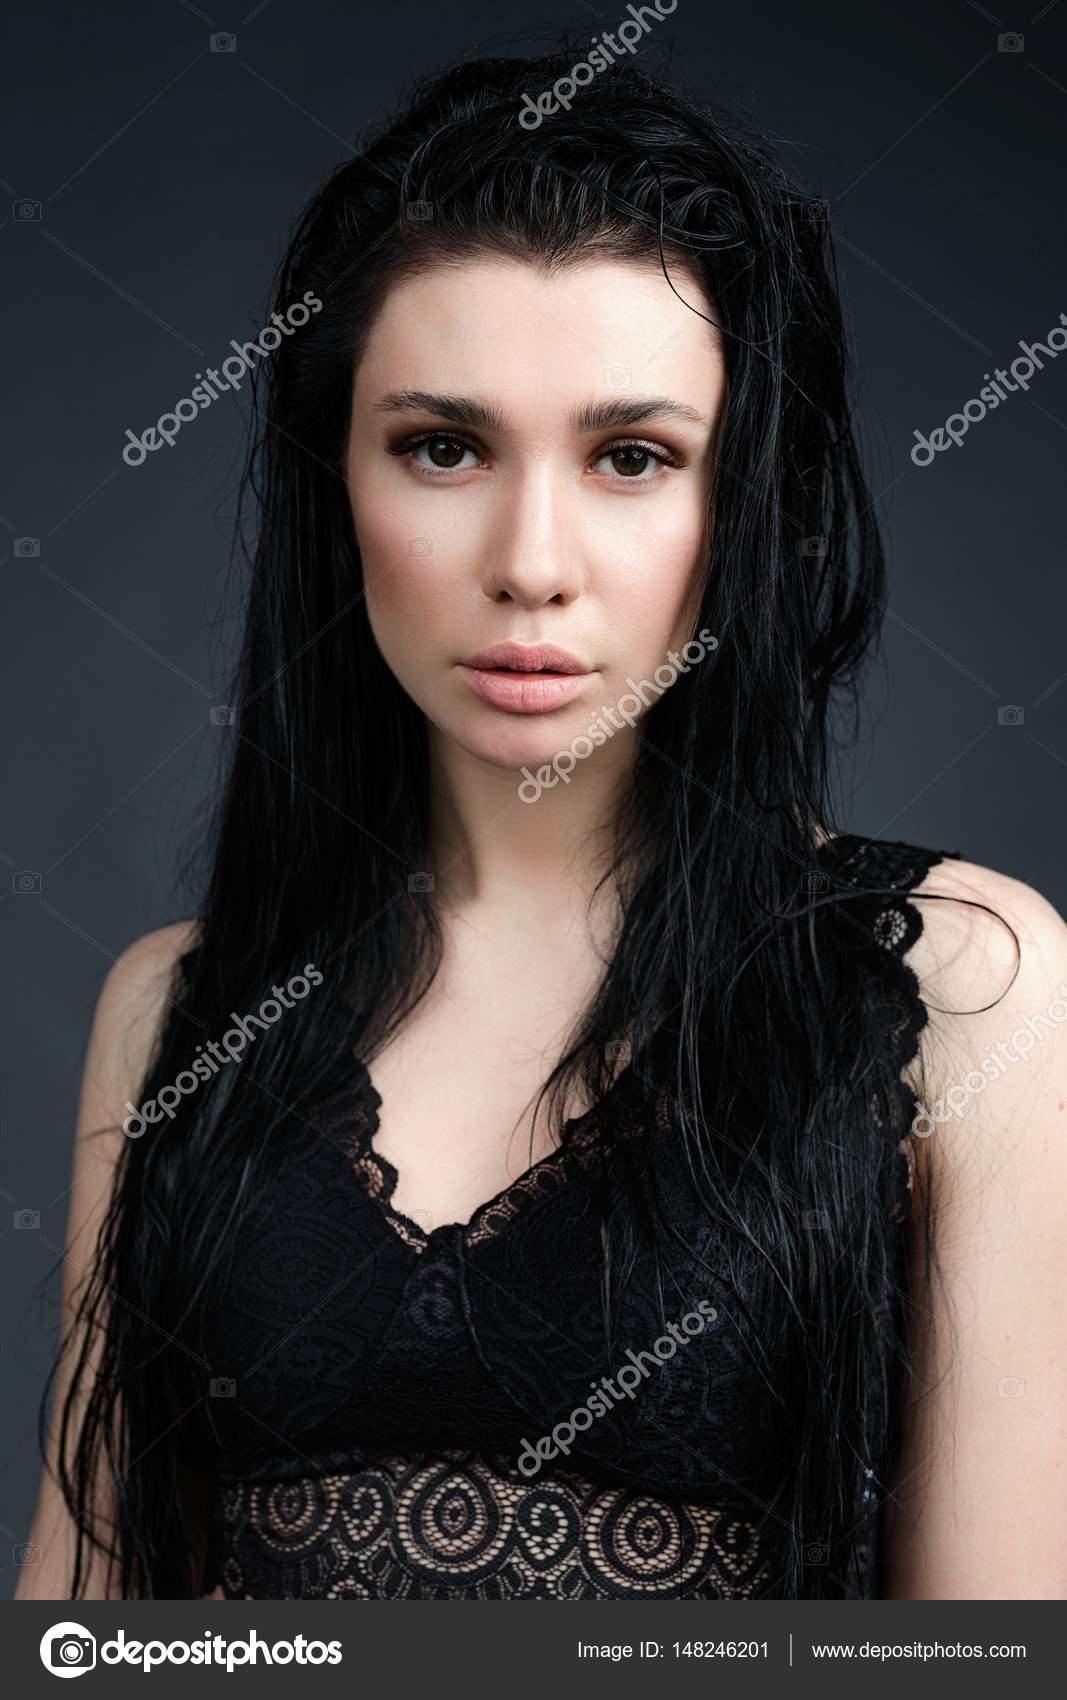 Superbe jeune femme sensuelle en dentelle soutien-gorge posant sur fond  sombre — Image de smmartynenko 4b4598b3417